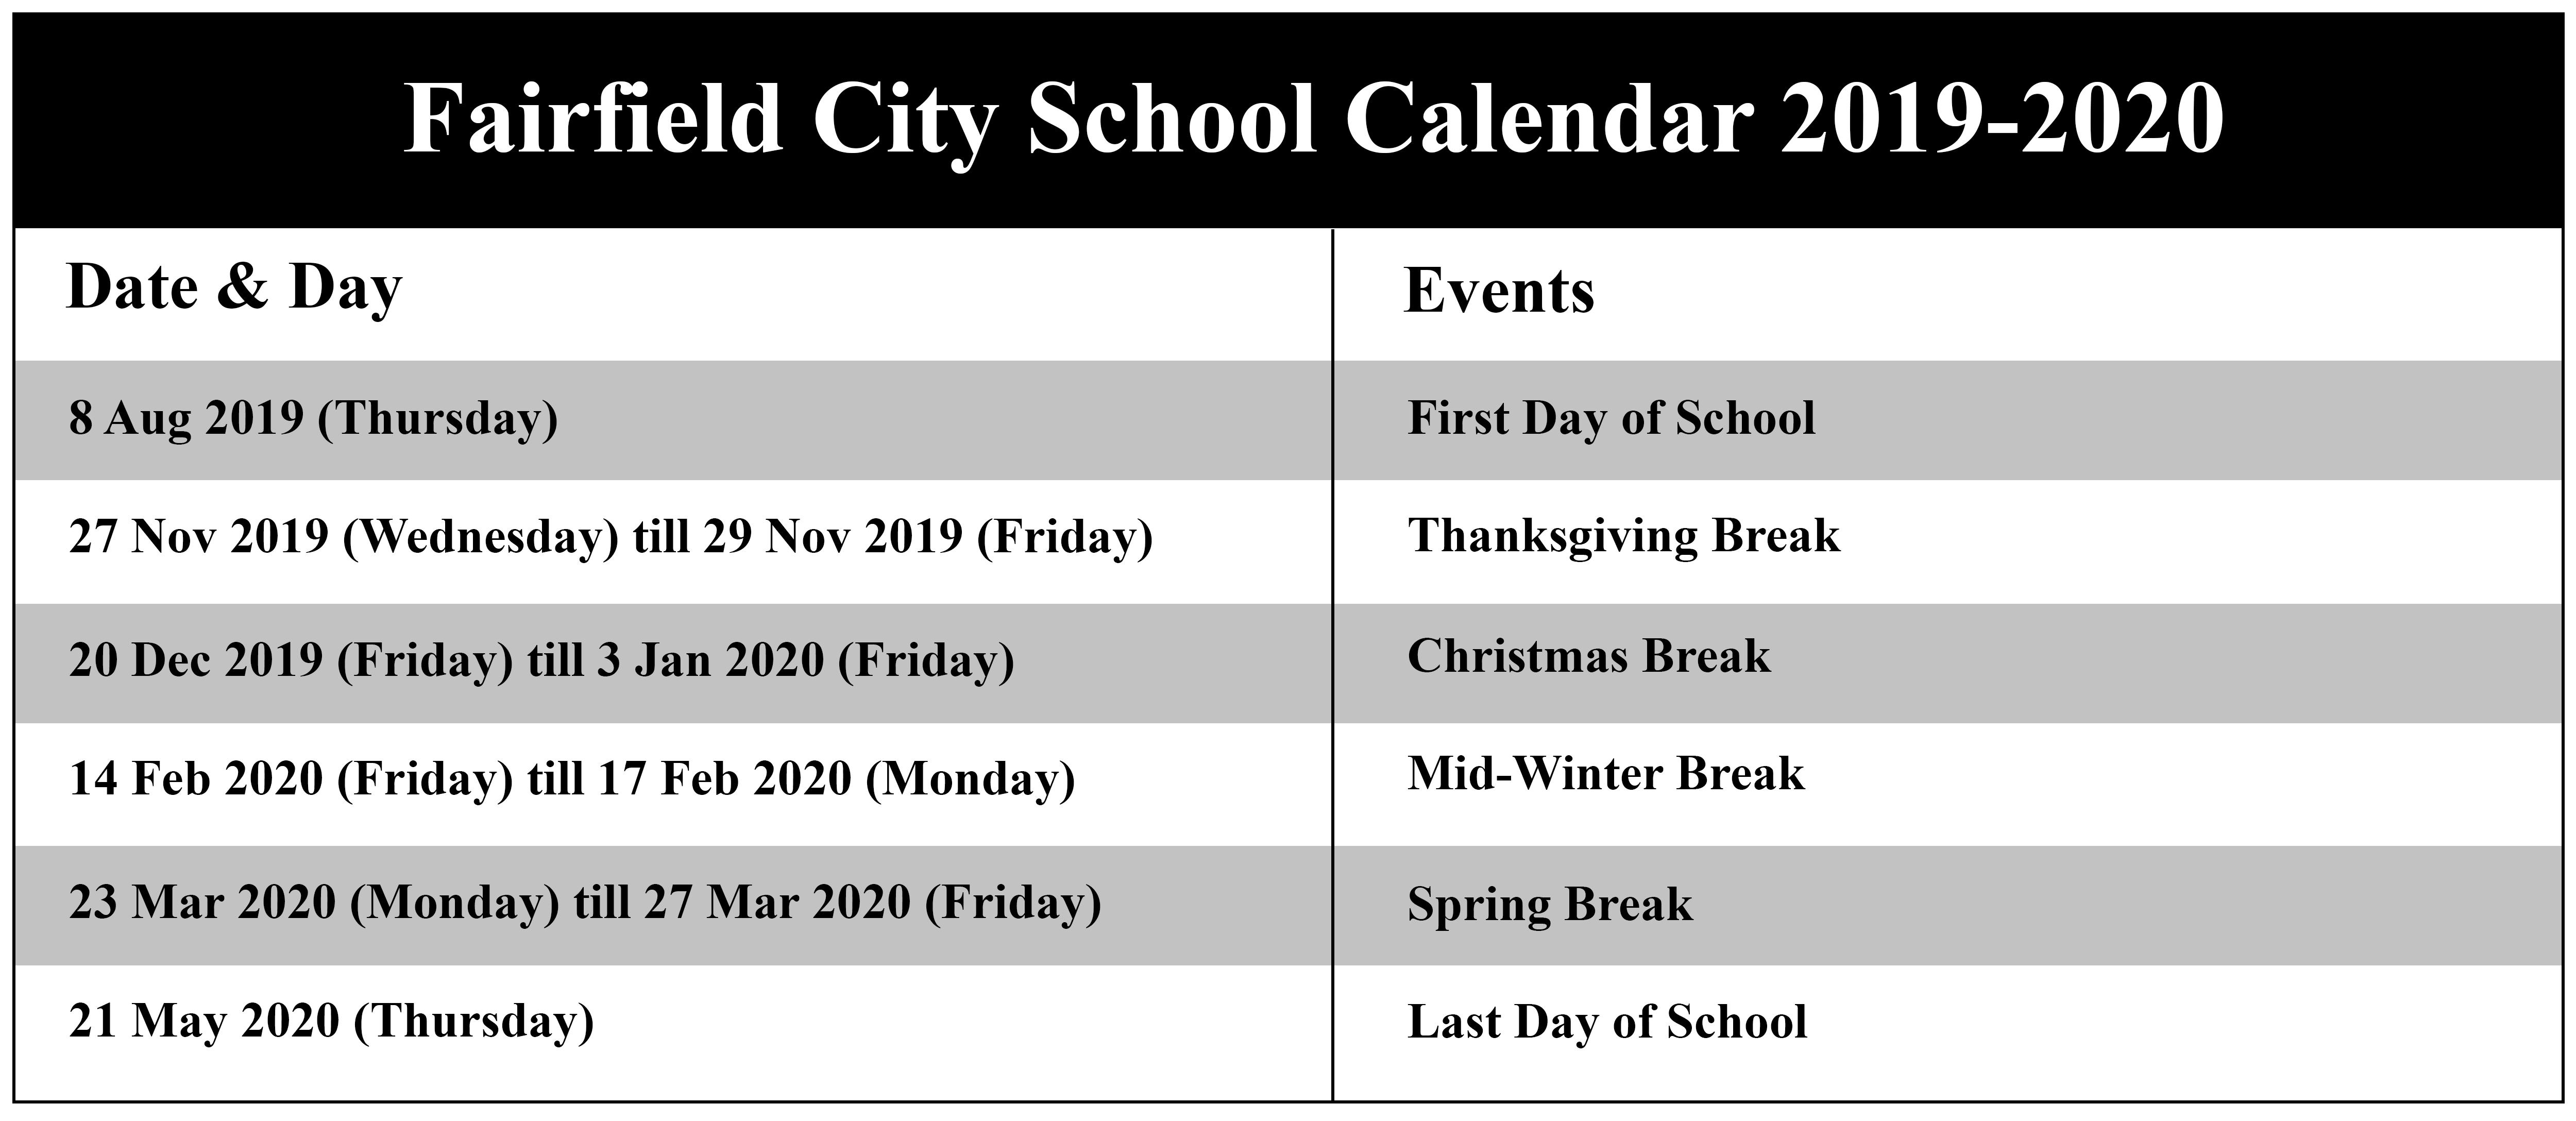 Fairfield City School Calendar